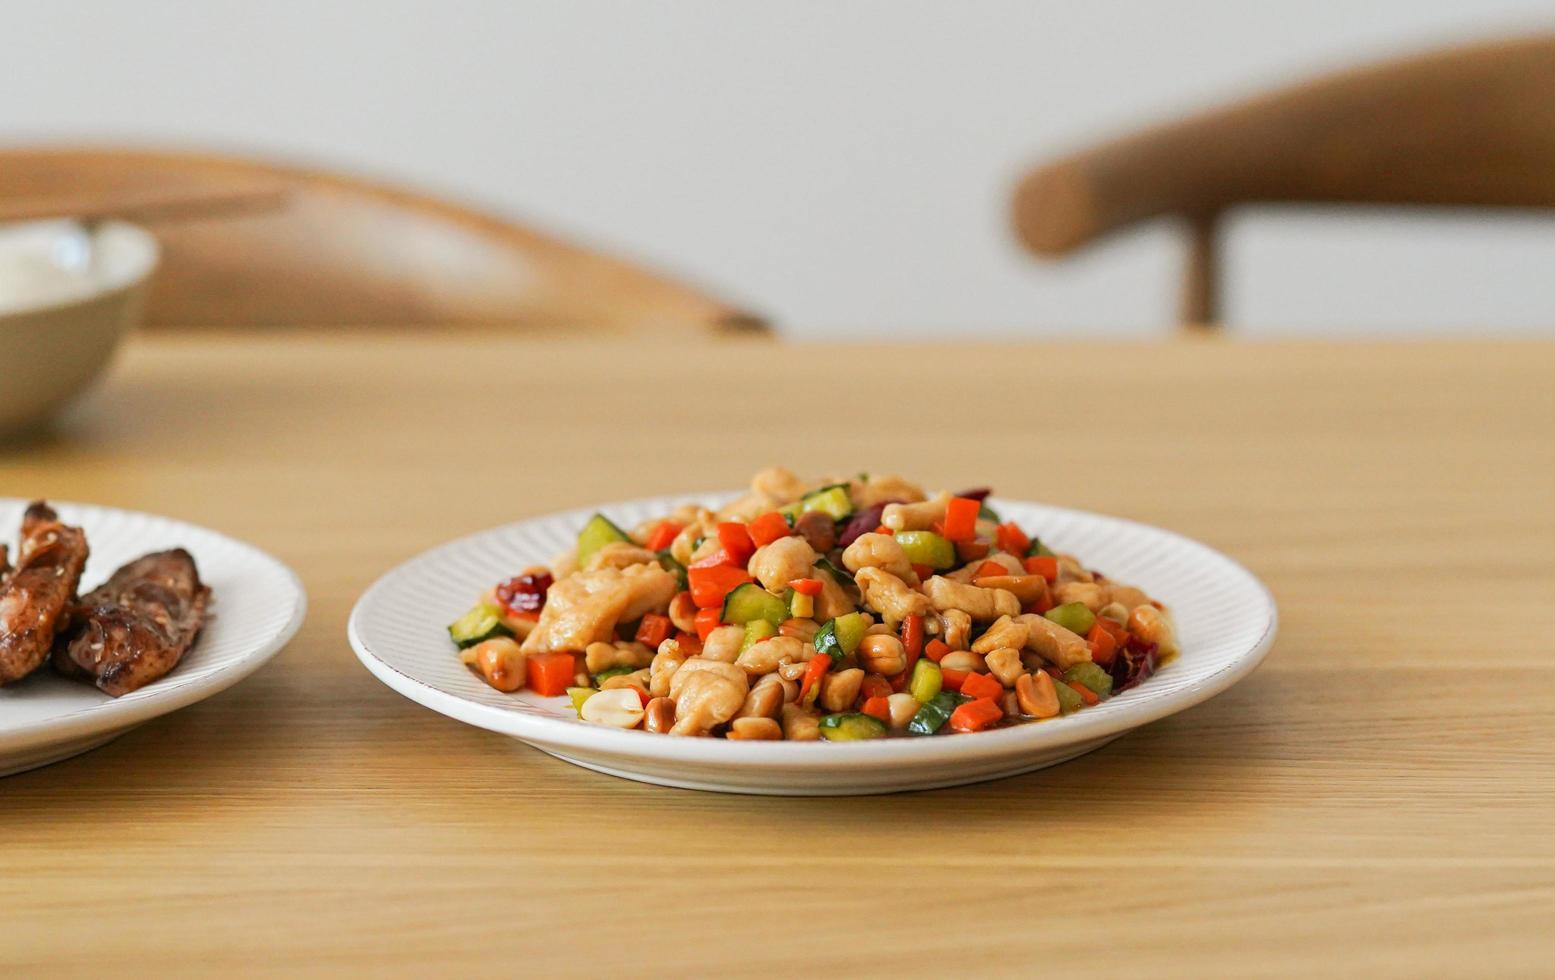 piatto di verdure miste sul tavolo foto